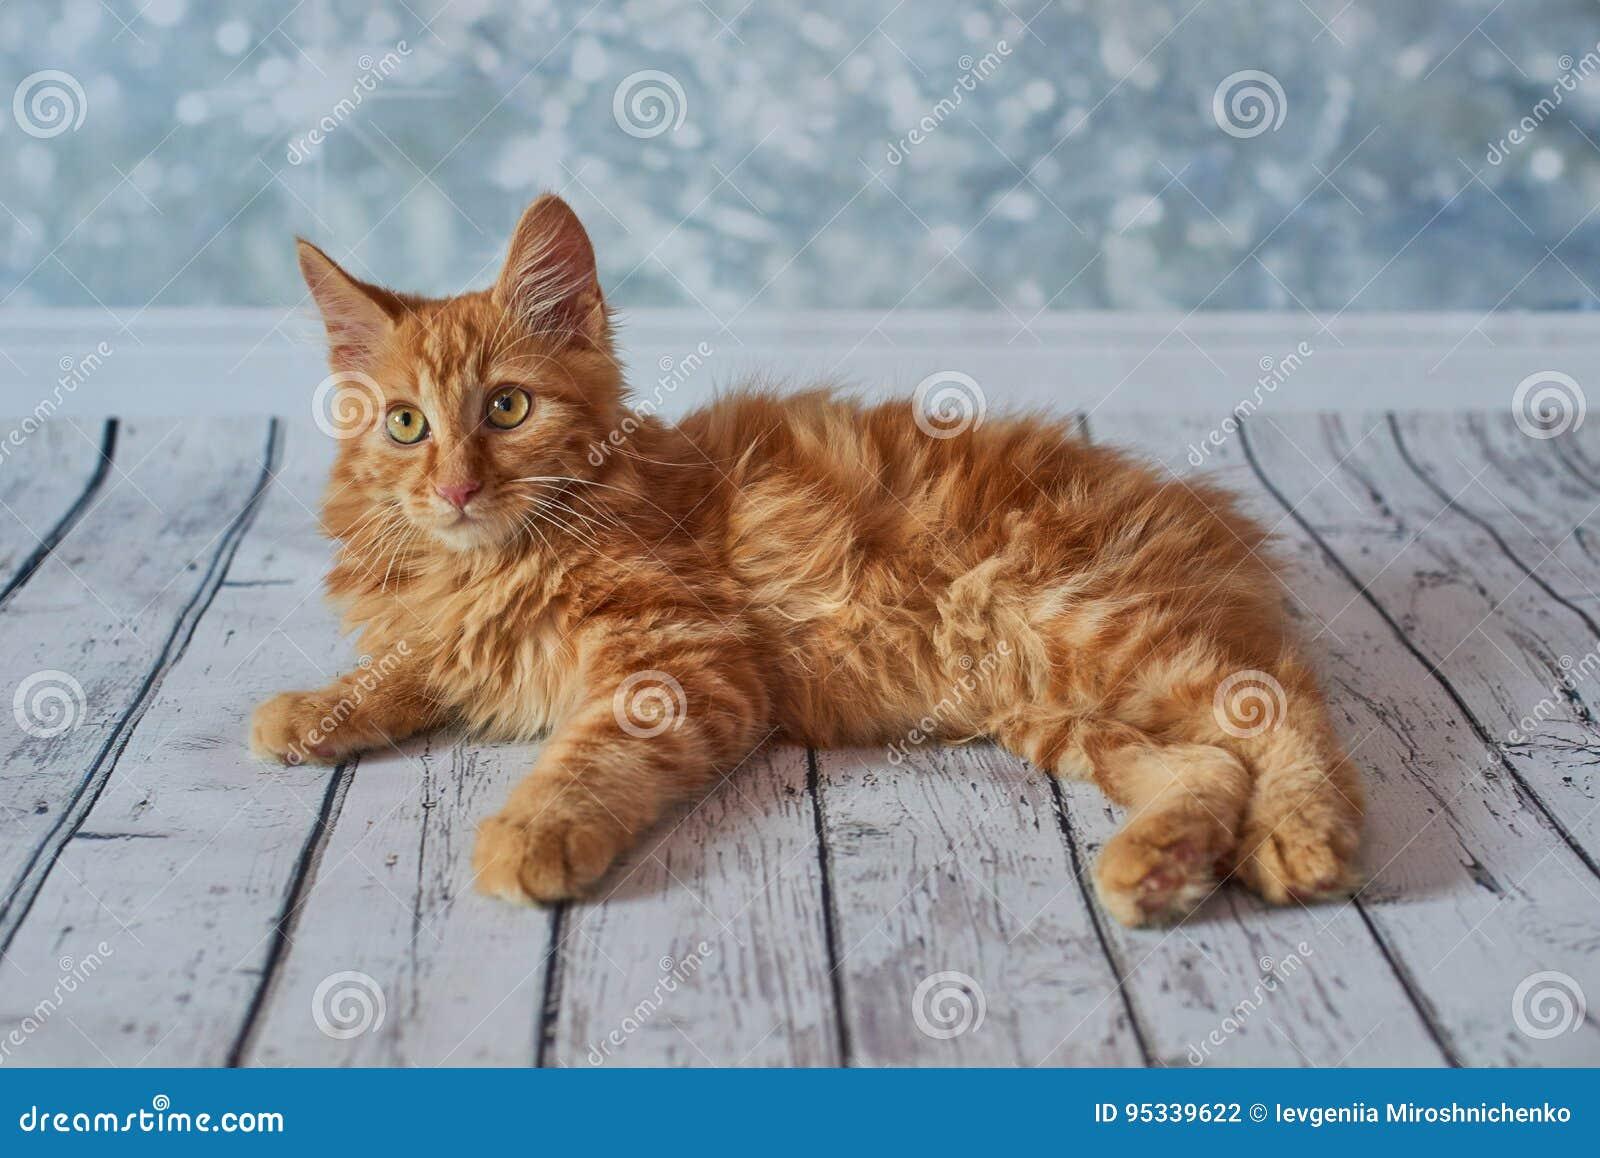 Gatto Americano Del Bobtail Fotografia Stock Immagine Di Purebred